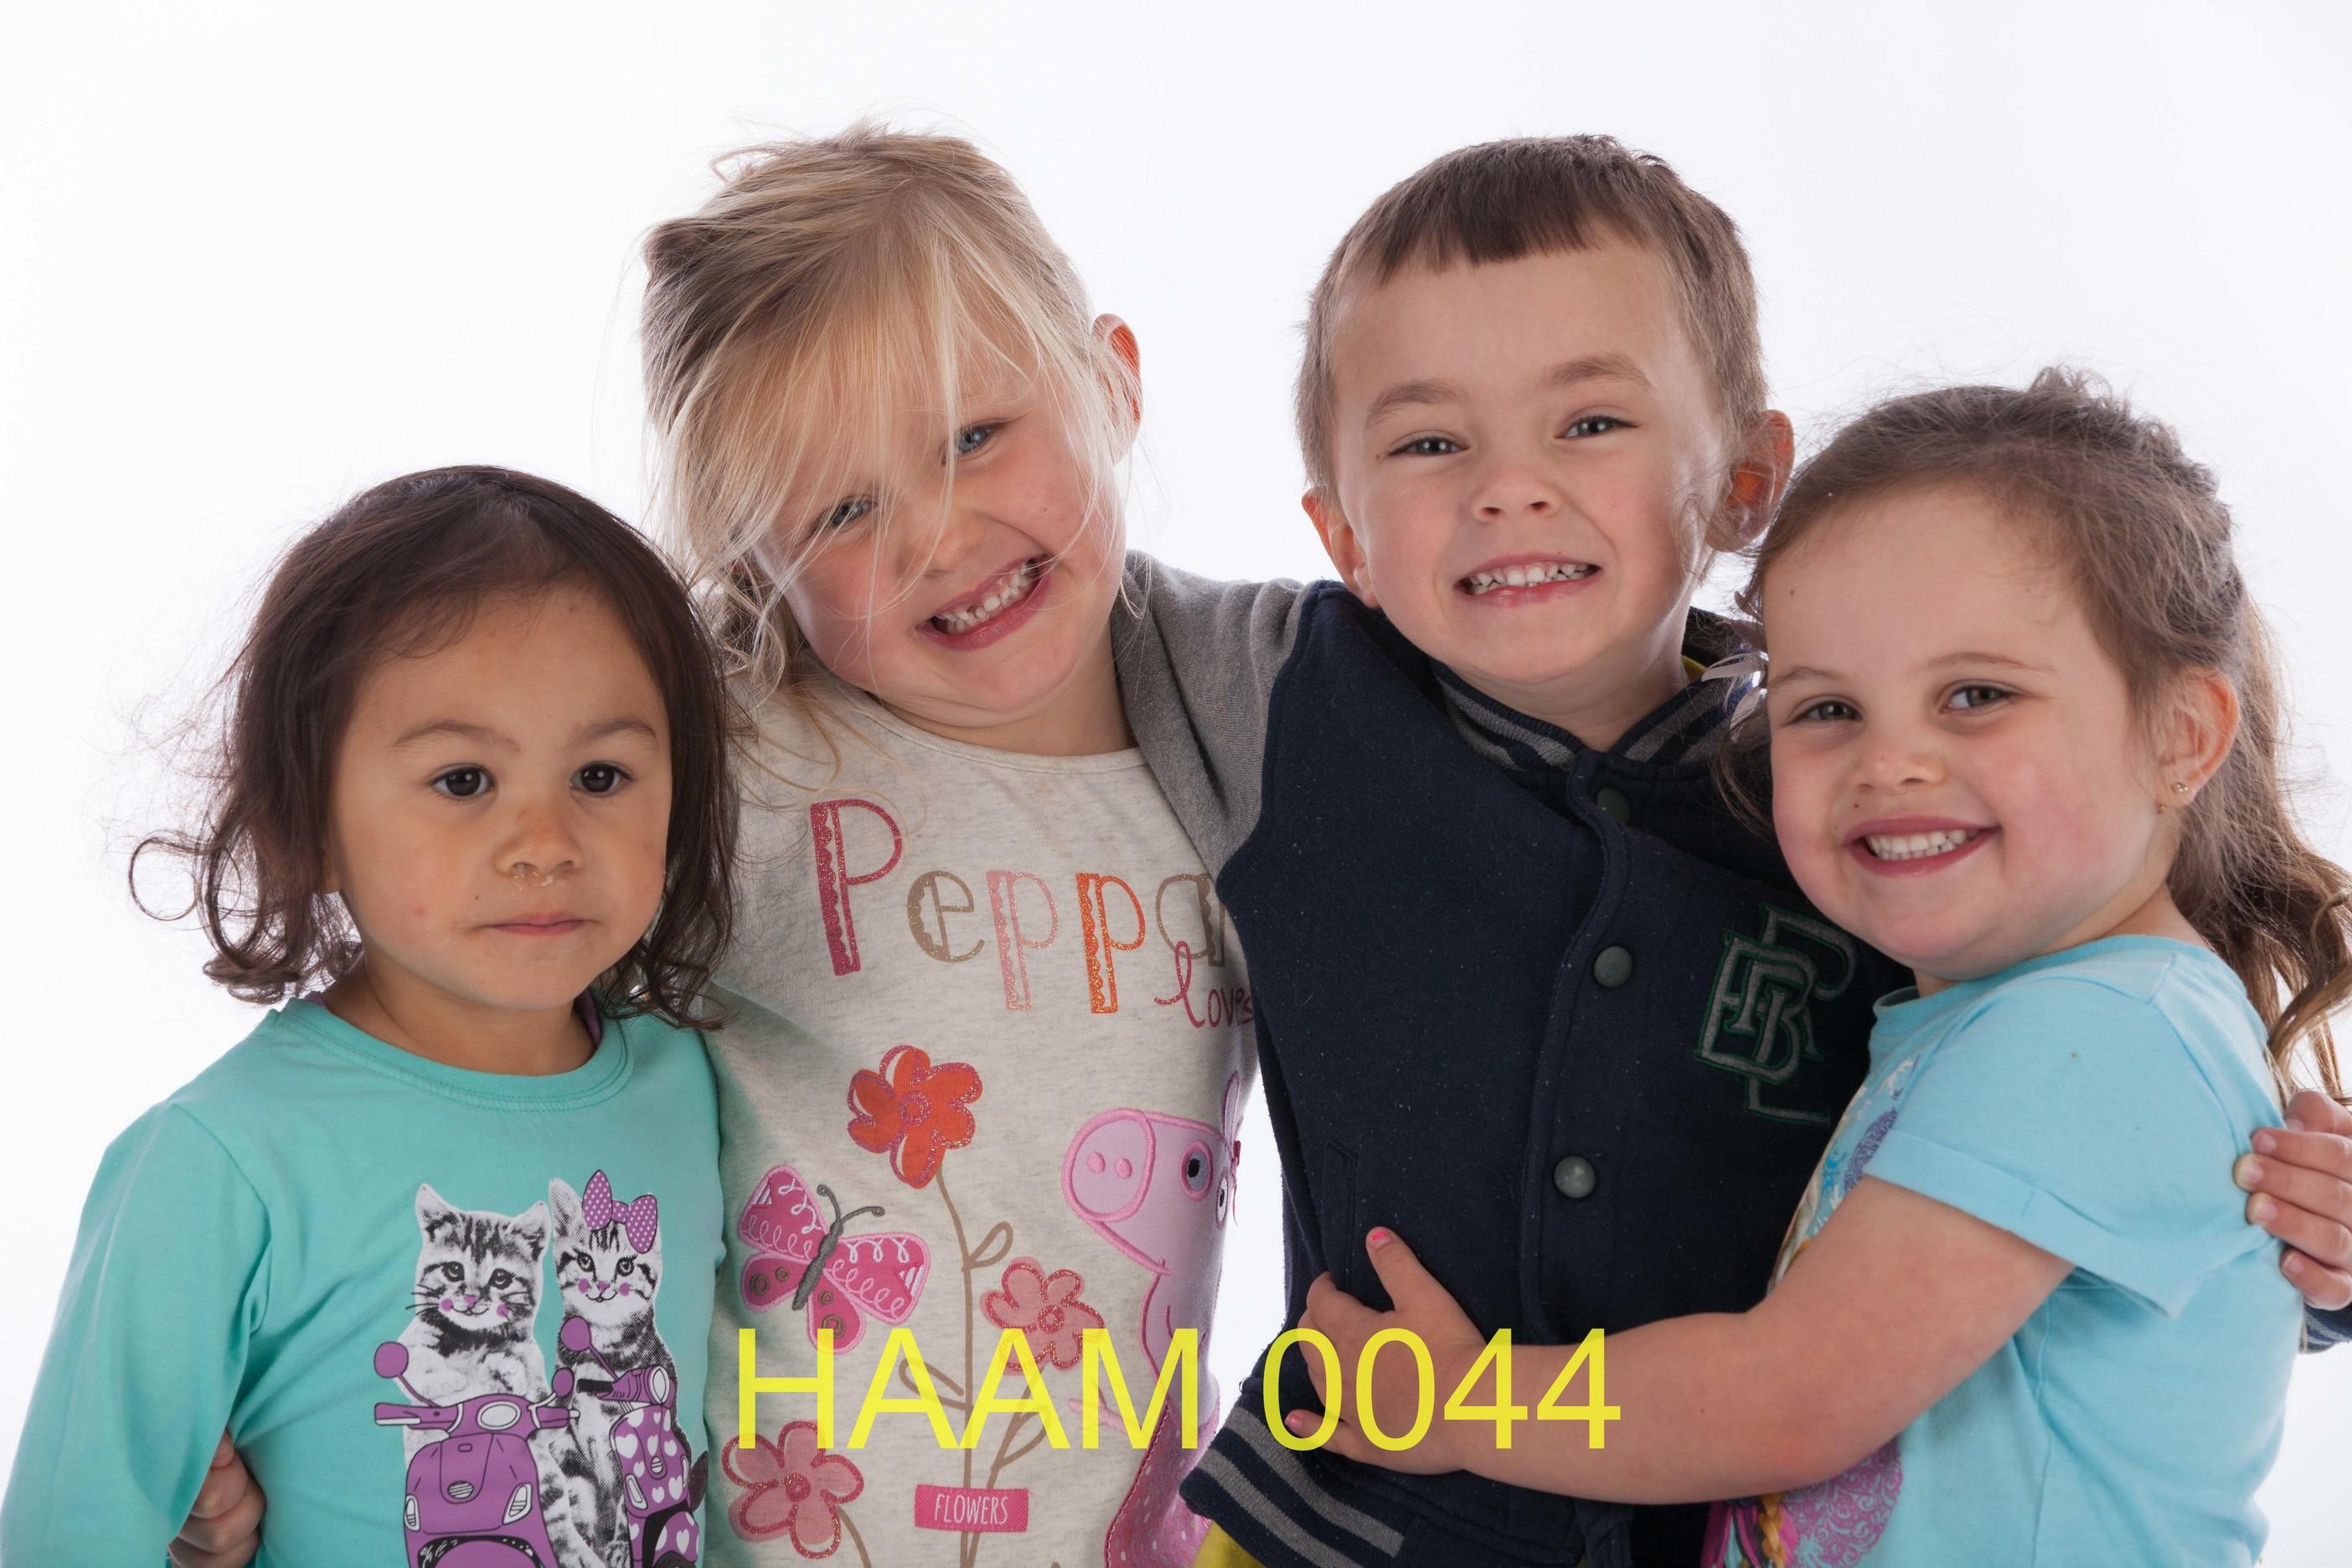 HAAM 0044